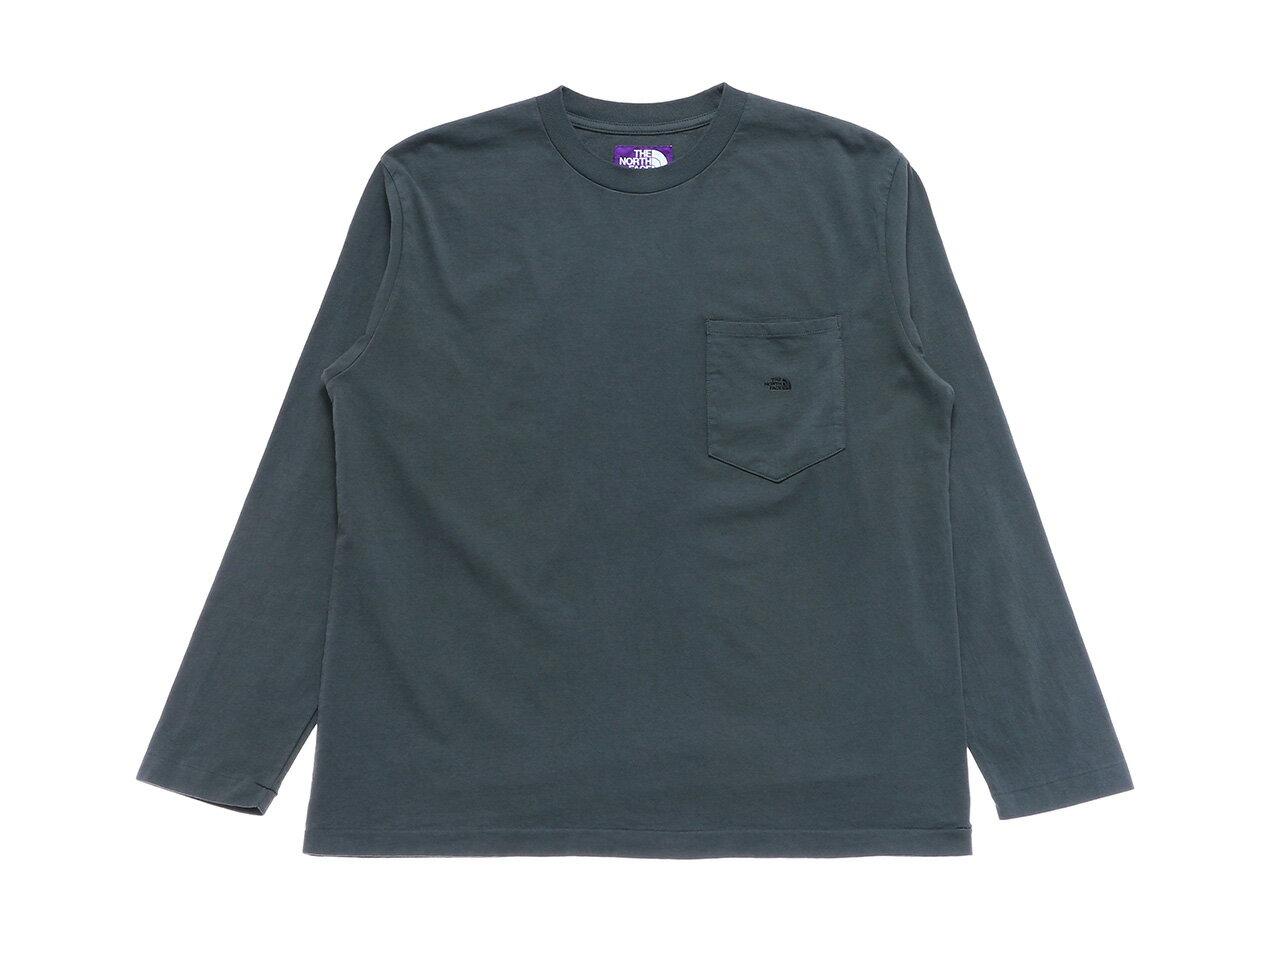 トップス, Tシャツ・カットソー THE NORTH FACE PURPLE LABEL 7oz LS Pocket Tee - (NT3058N)TT